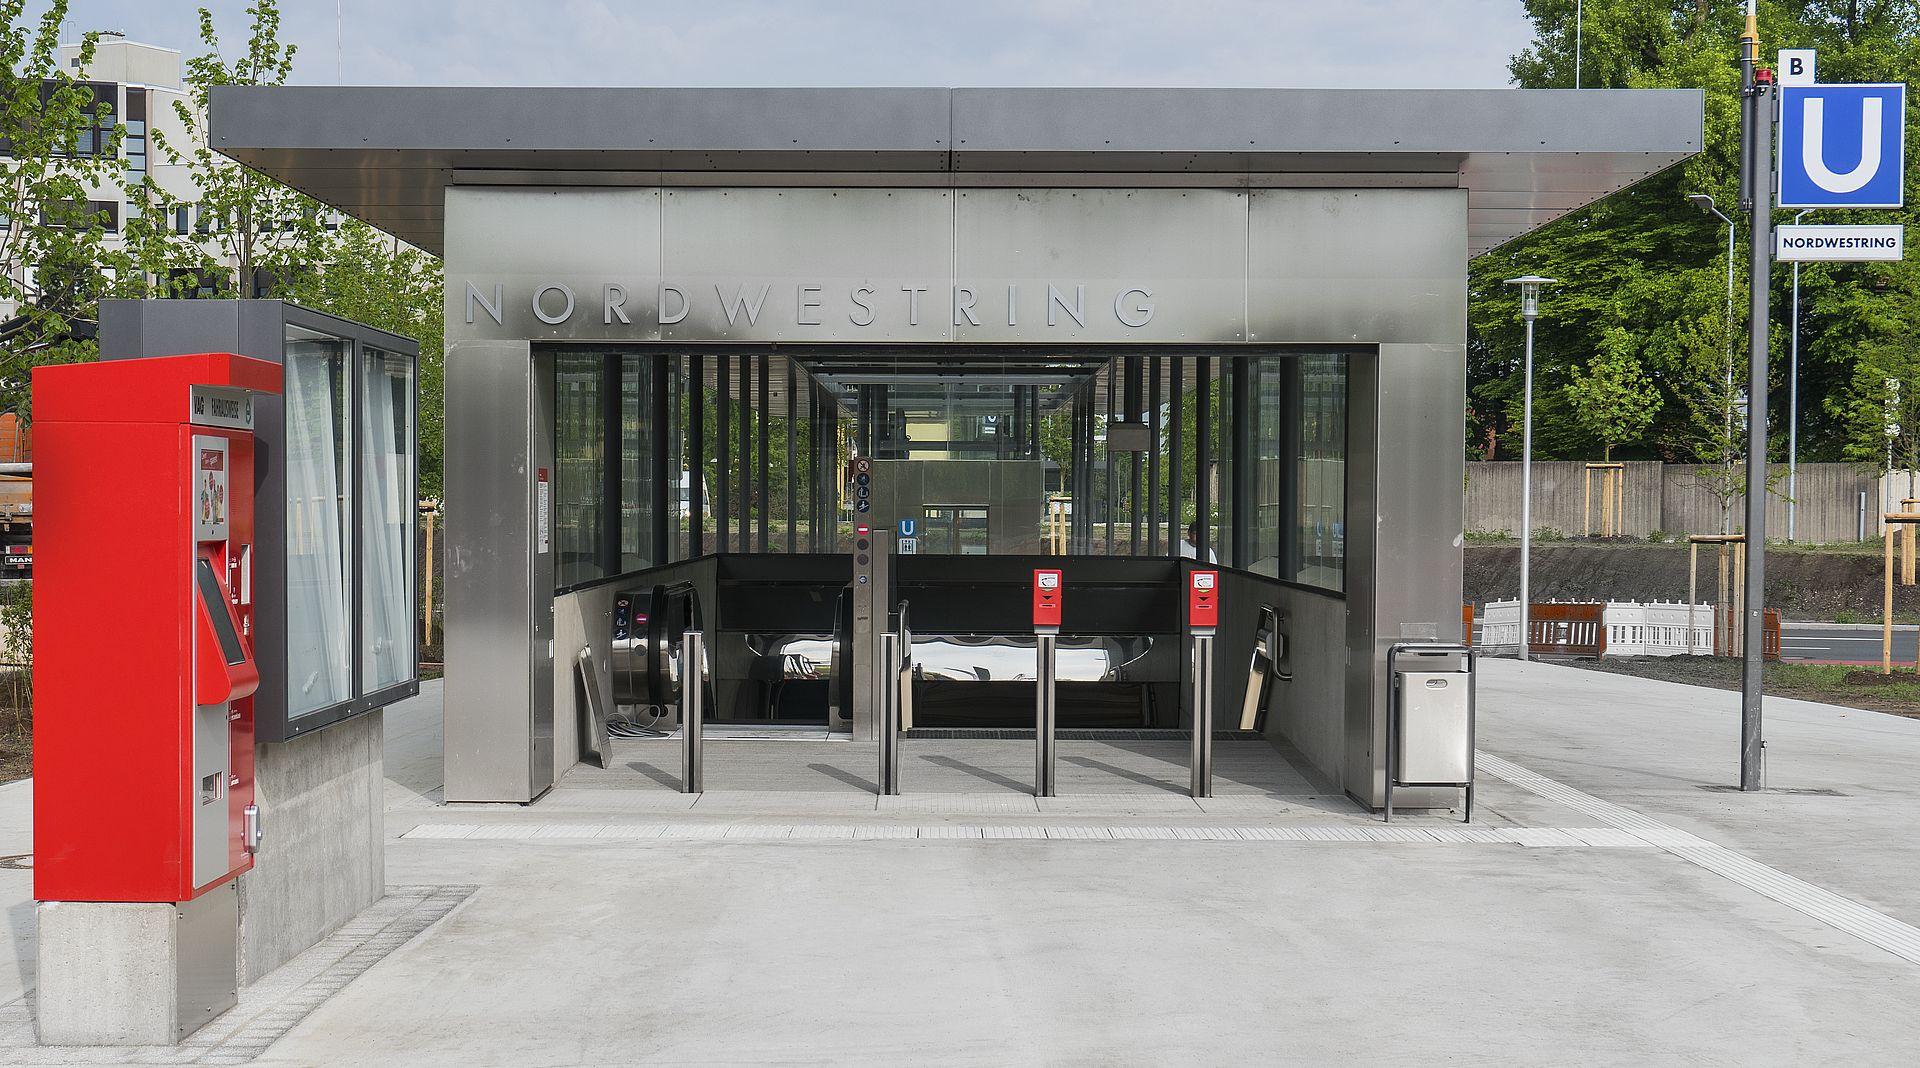 U-Bahn Nordwestring Nürnberg